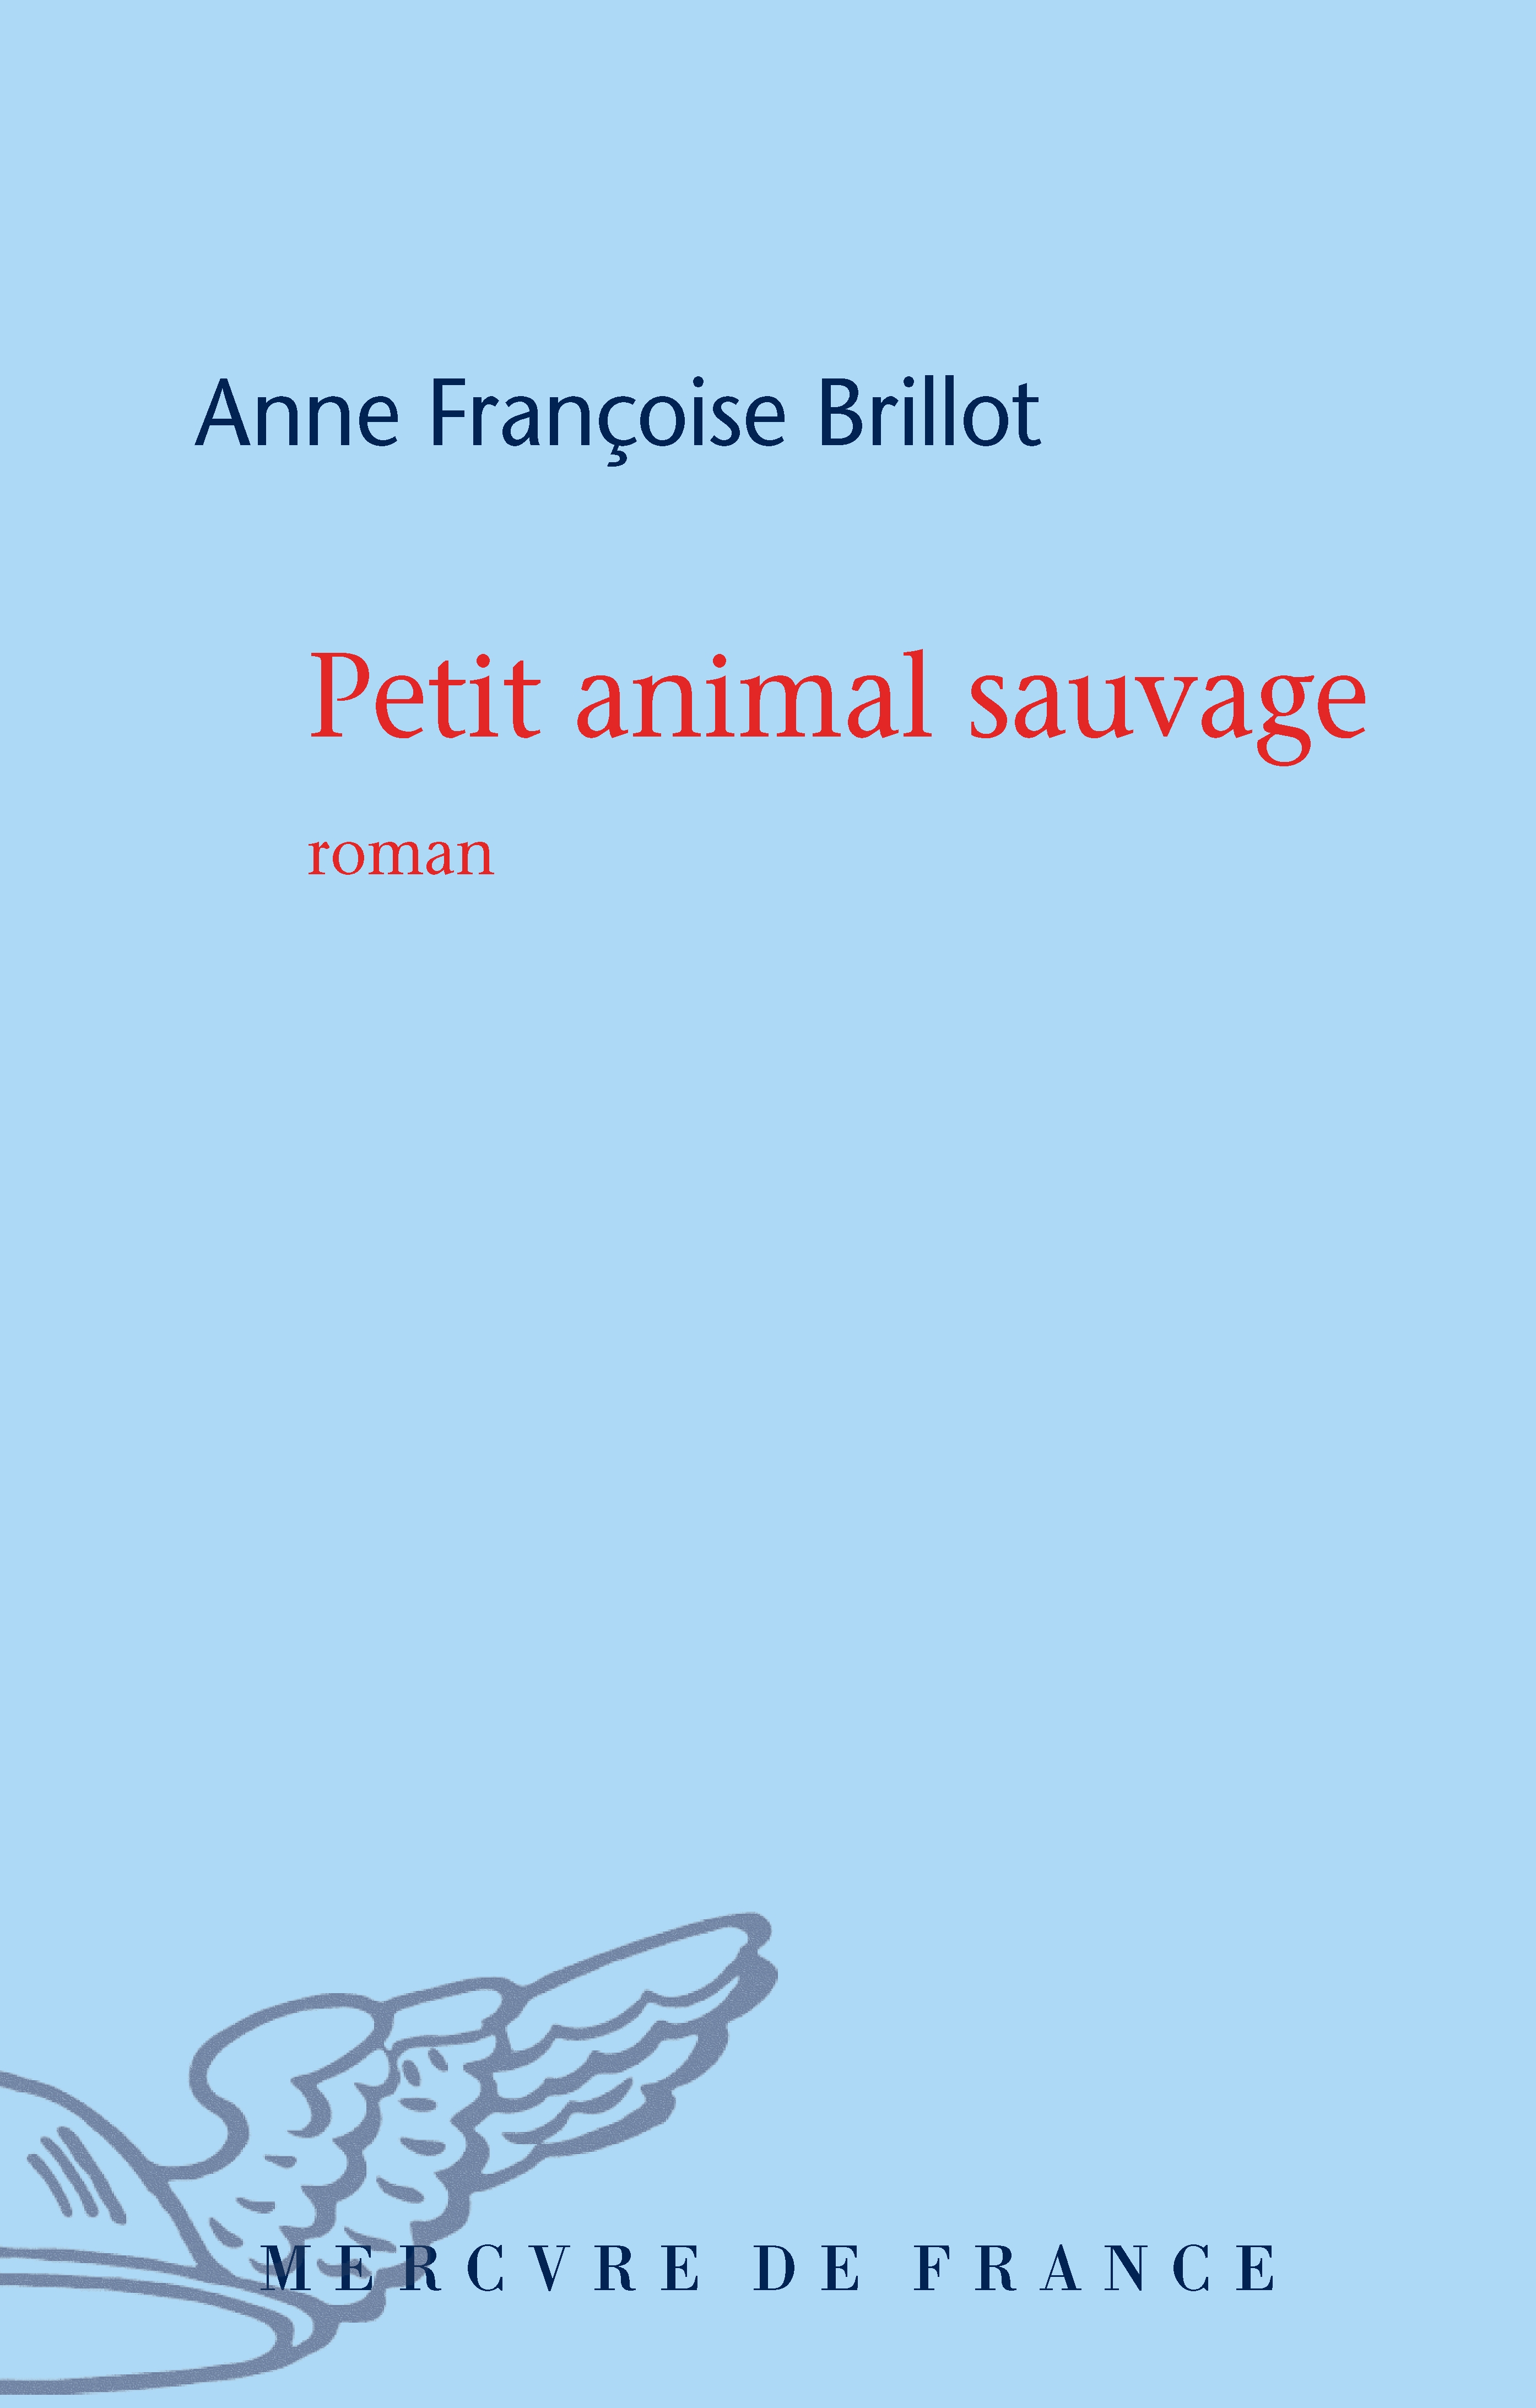 Petit animal sauvage